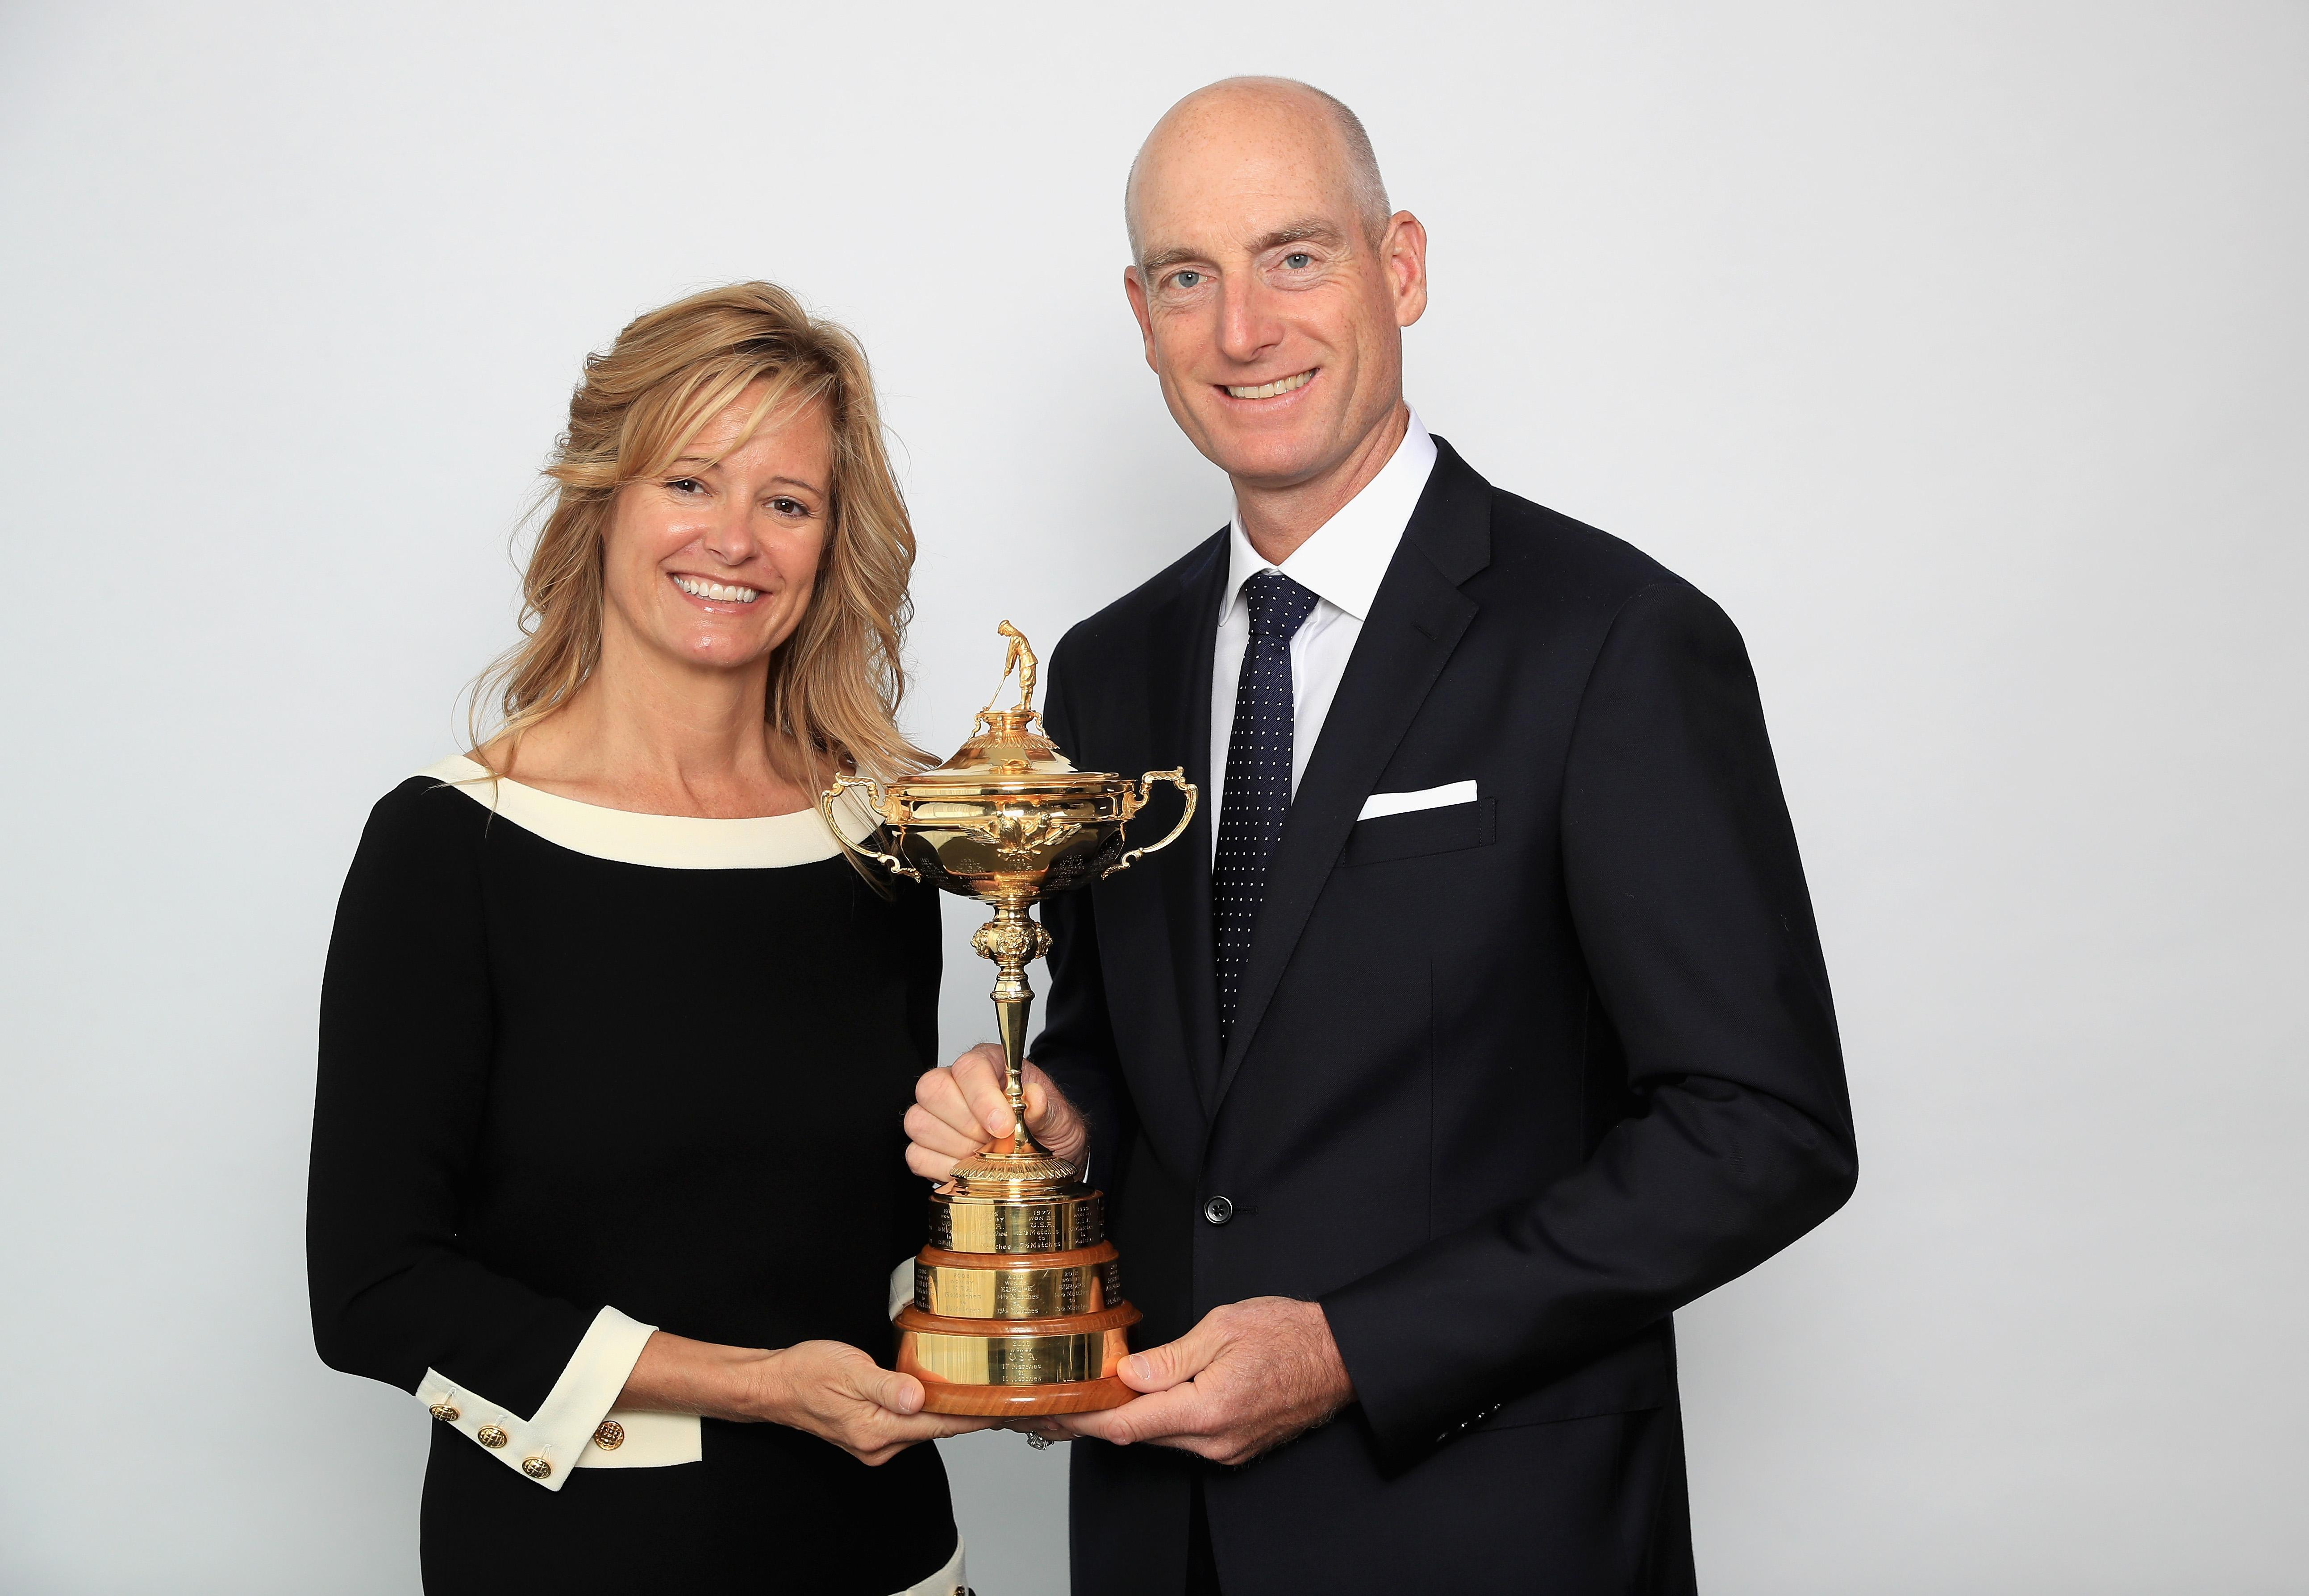 Jim Furyk with wife Tabitha